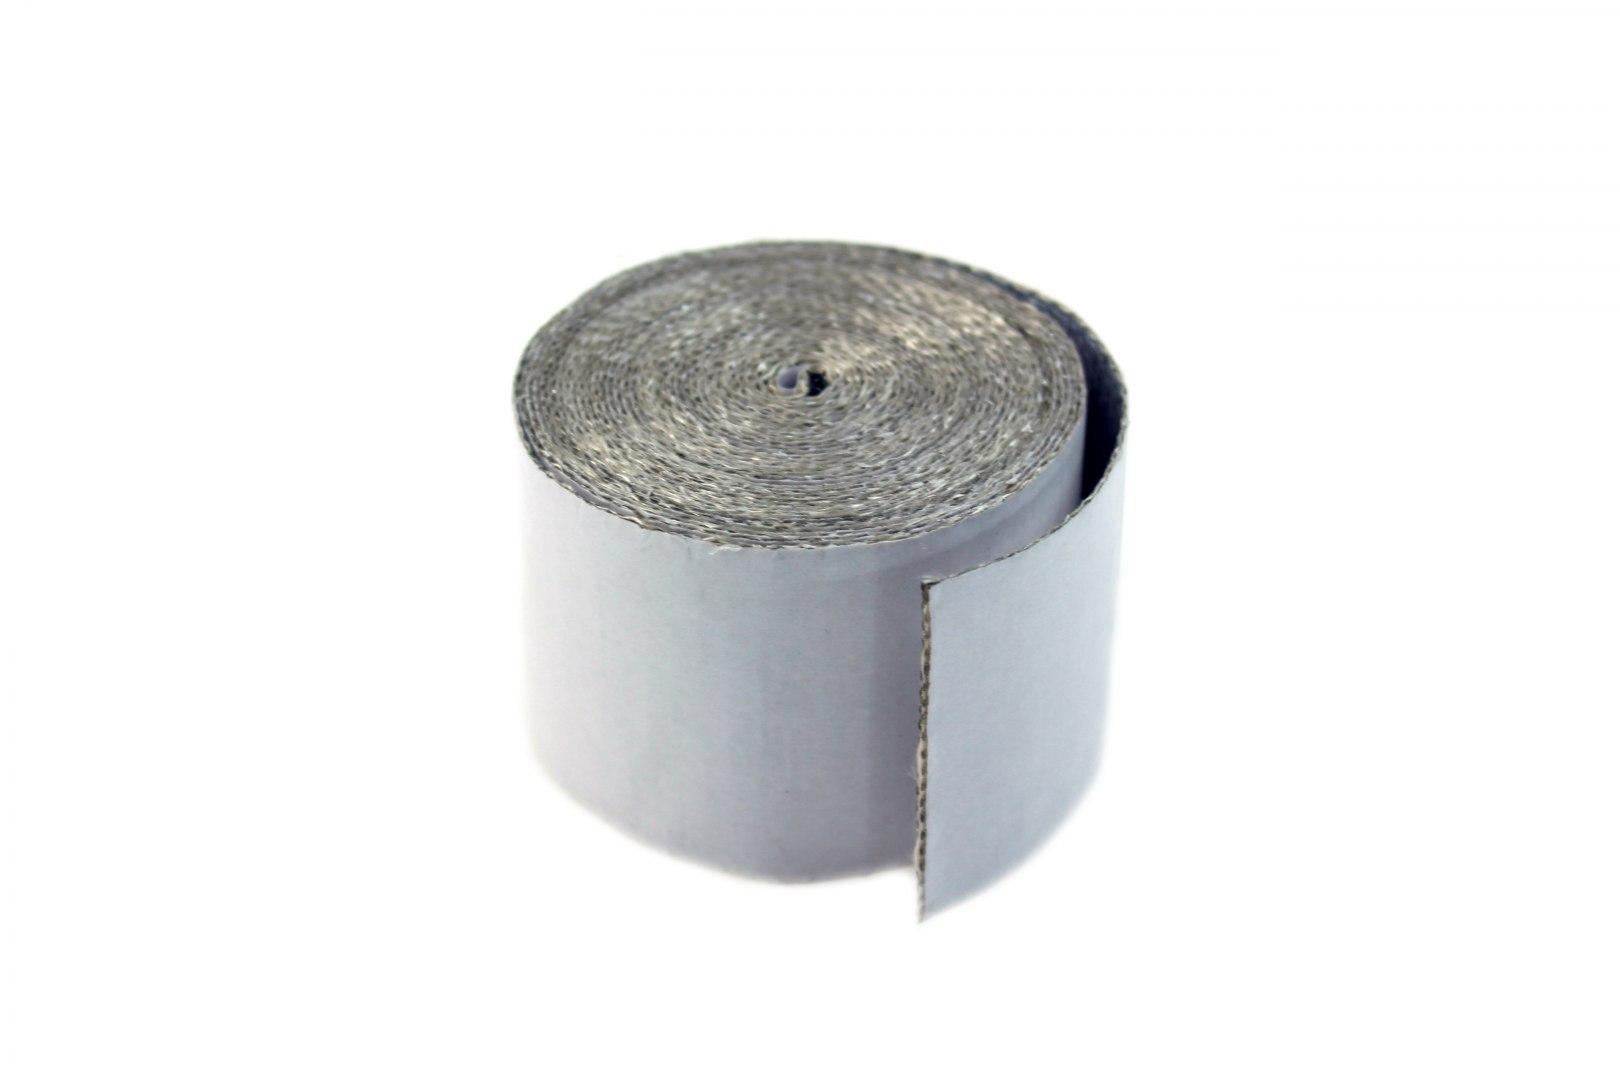 Taśma termiczna TurboWorks 50mm x 0.8mm 4.5m Aluminiowa - GRUBYGARAGE - Sklep Tuningowy